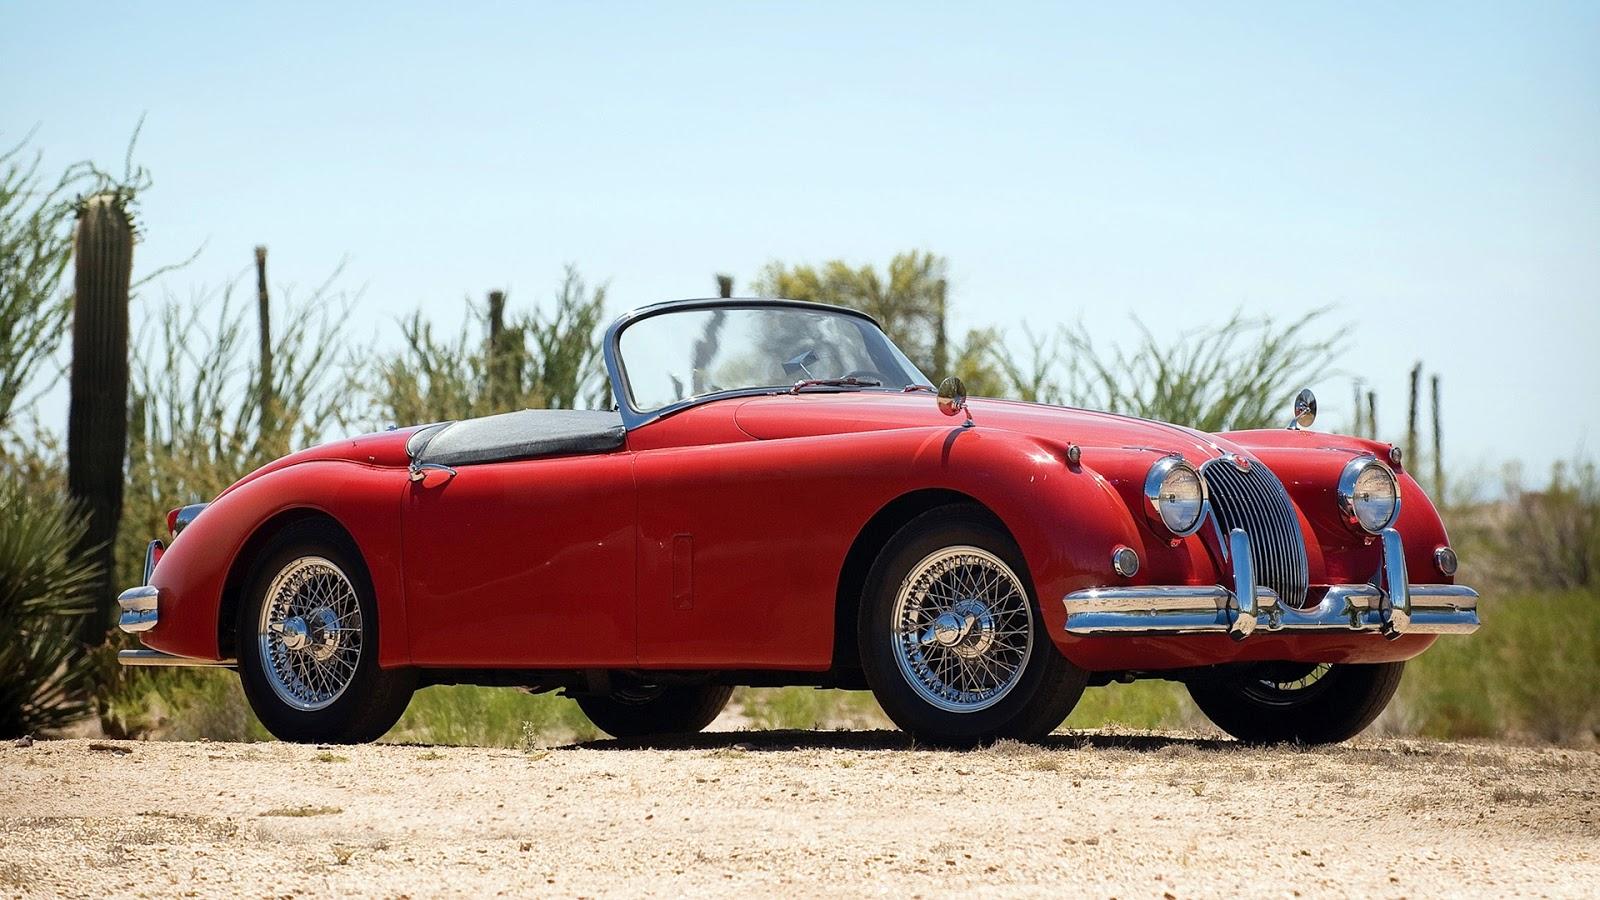 Red Classic Jaguar